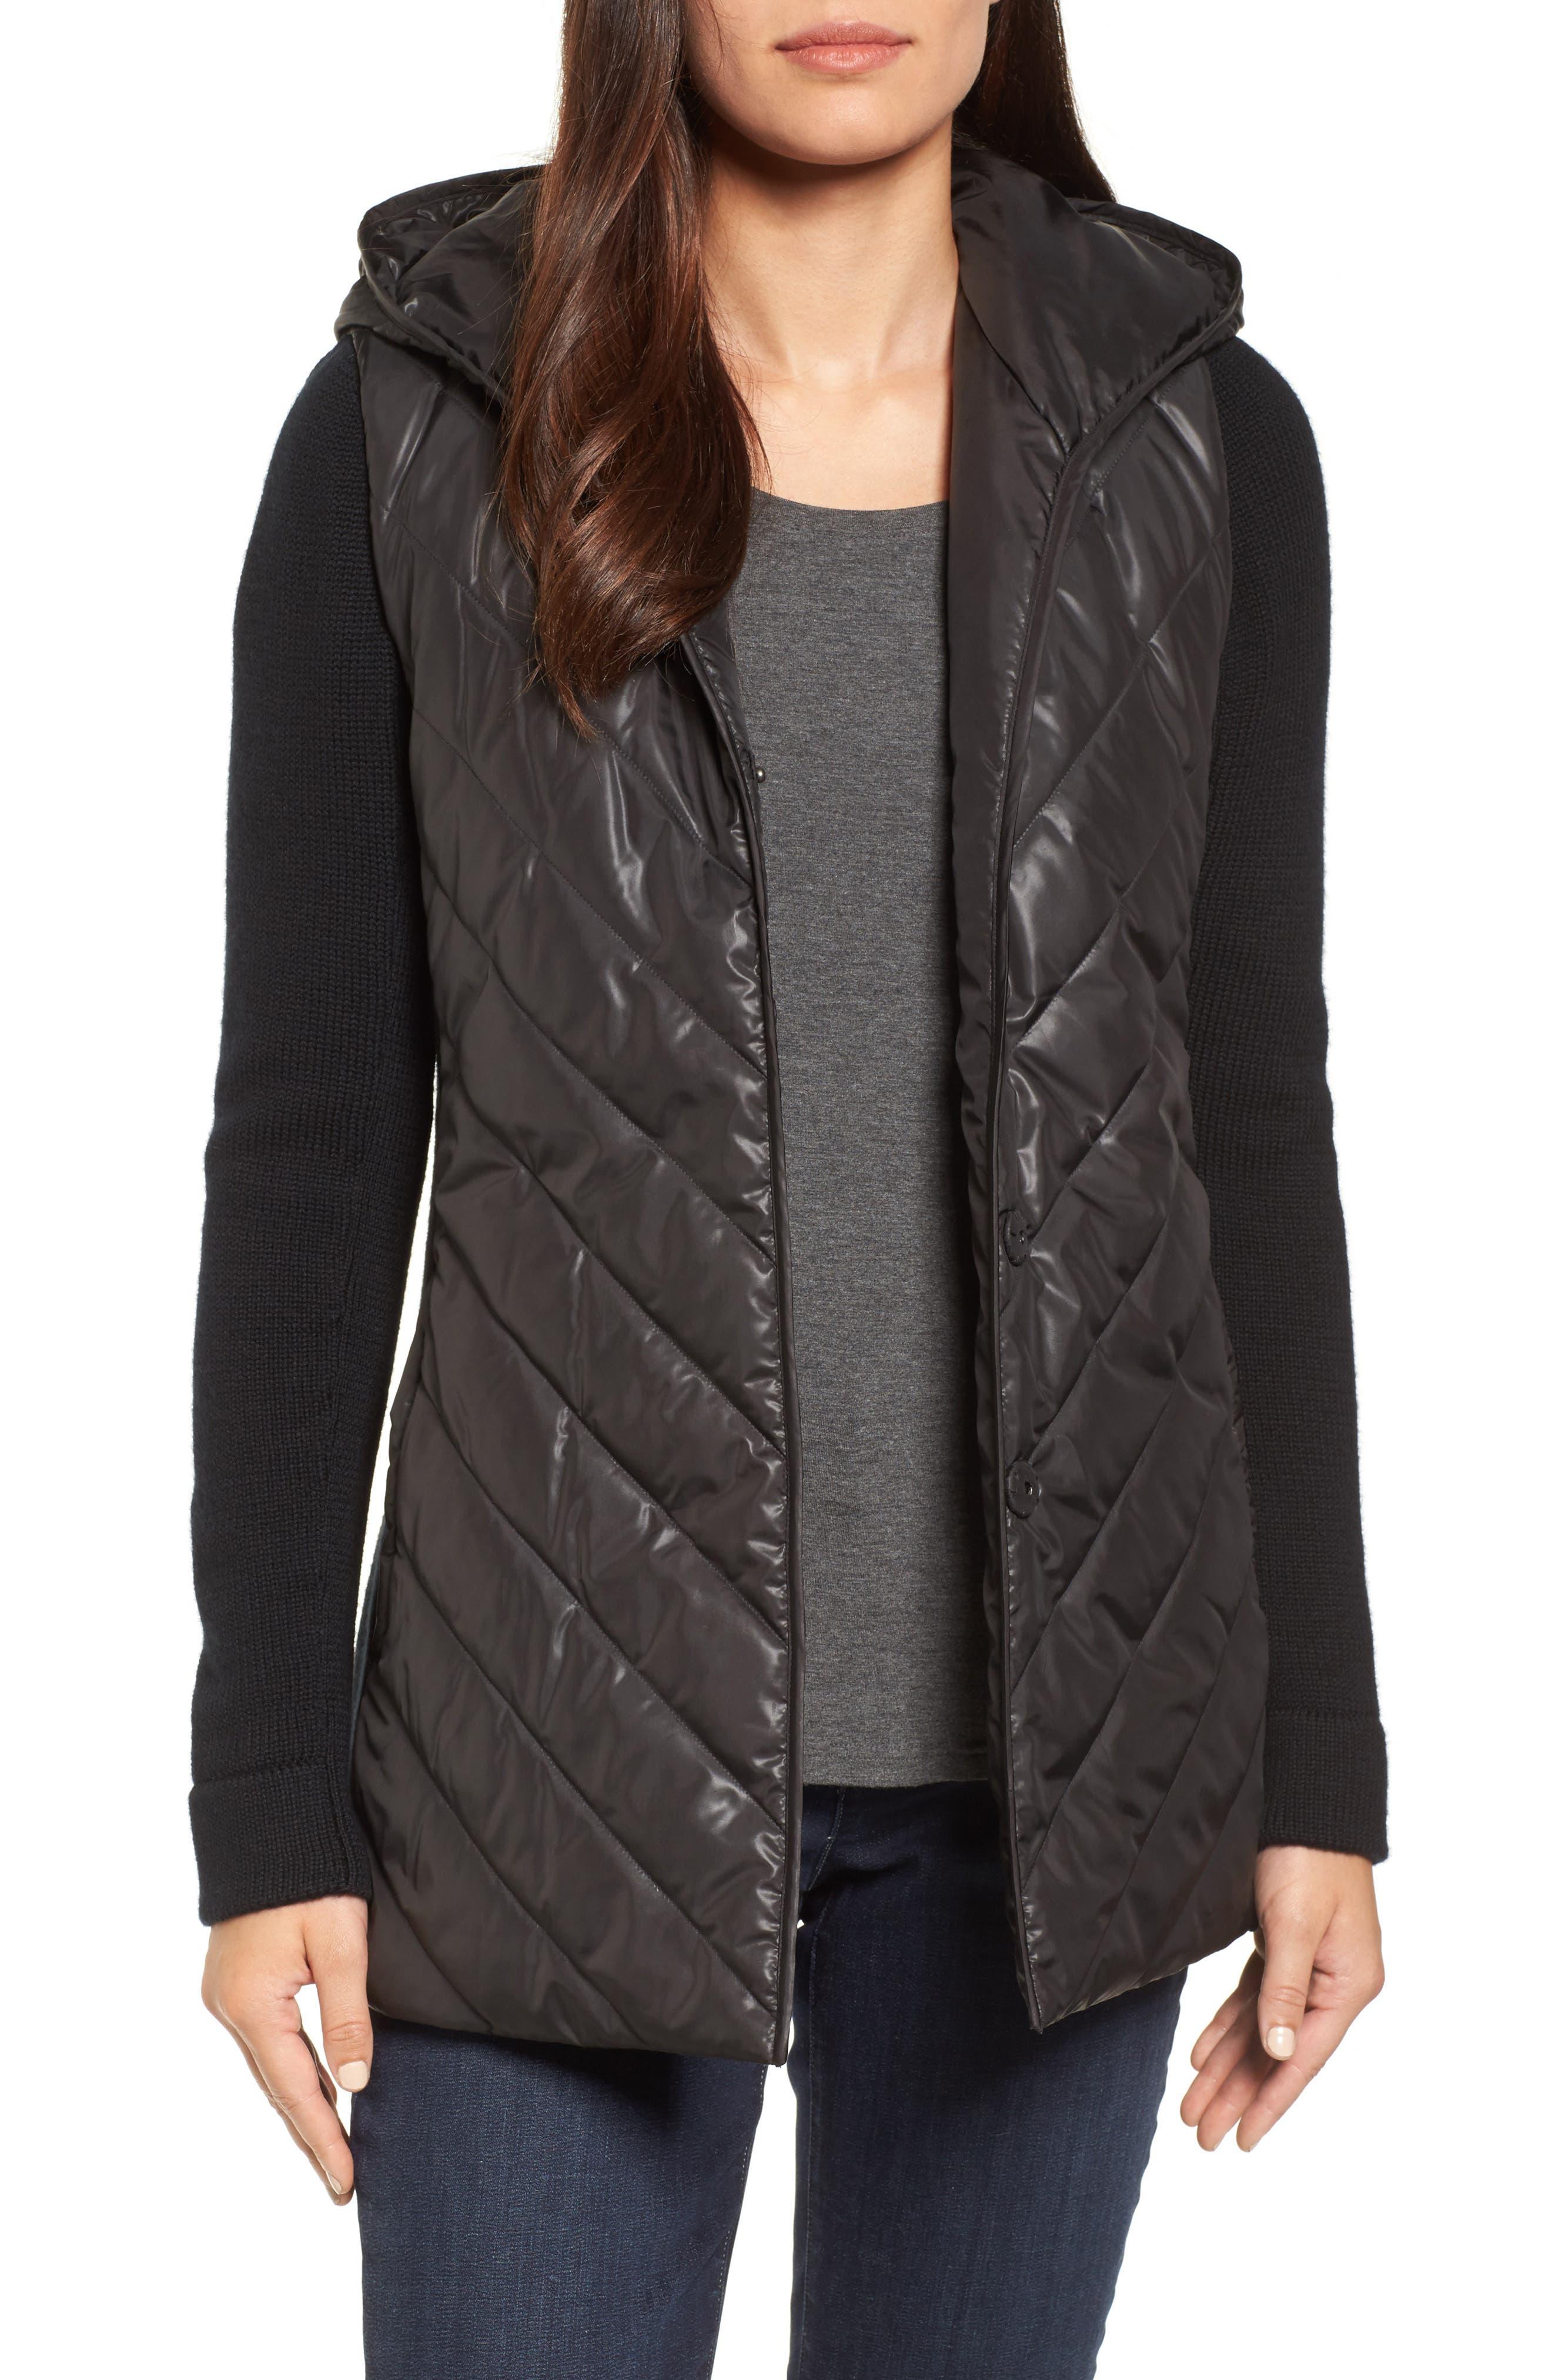 Alternate Image 1 Selected - Eileen Fisher Hooded Merino Wool Trim Jacket